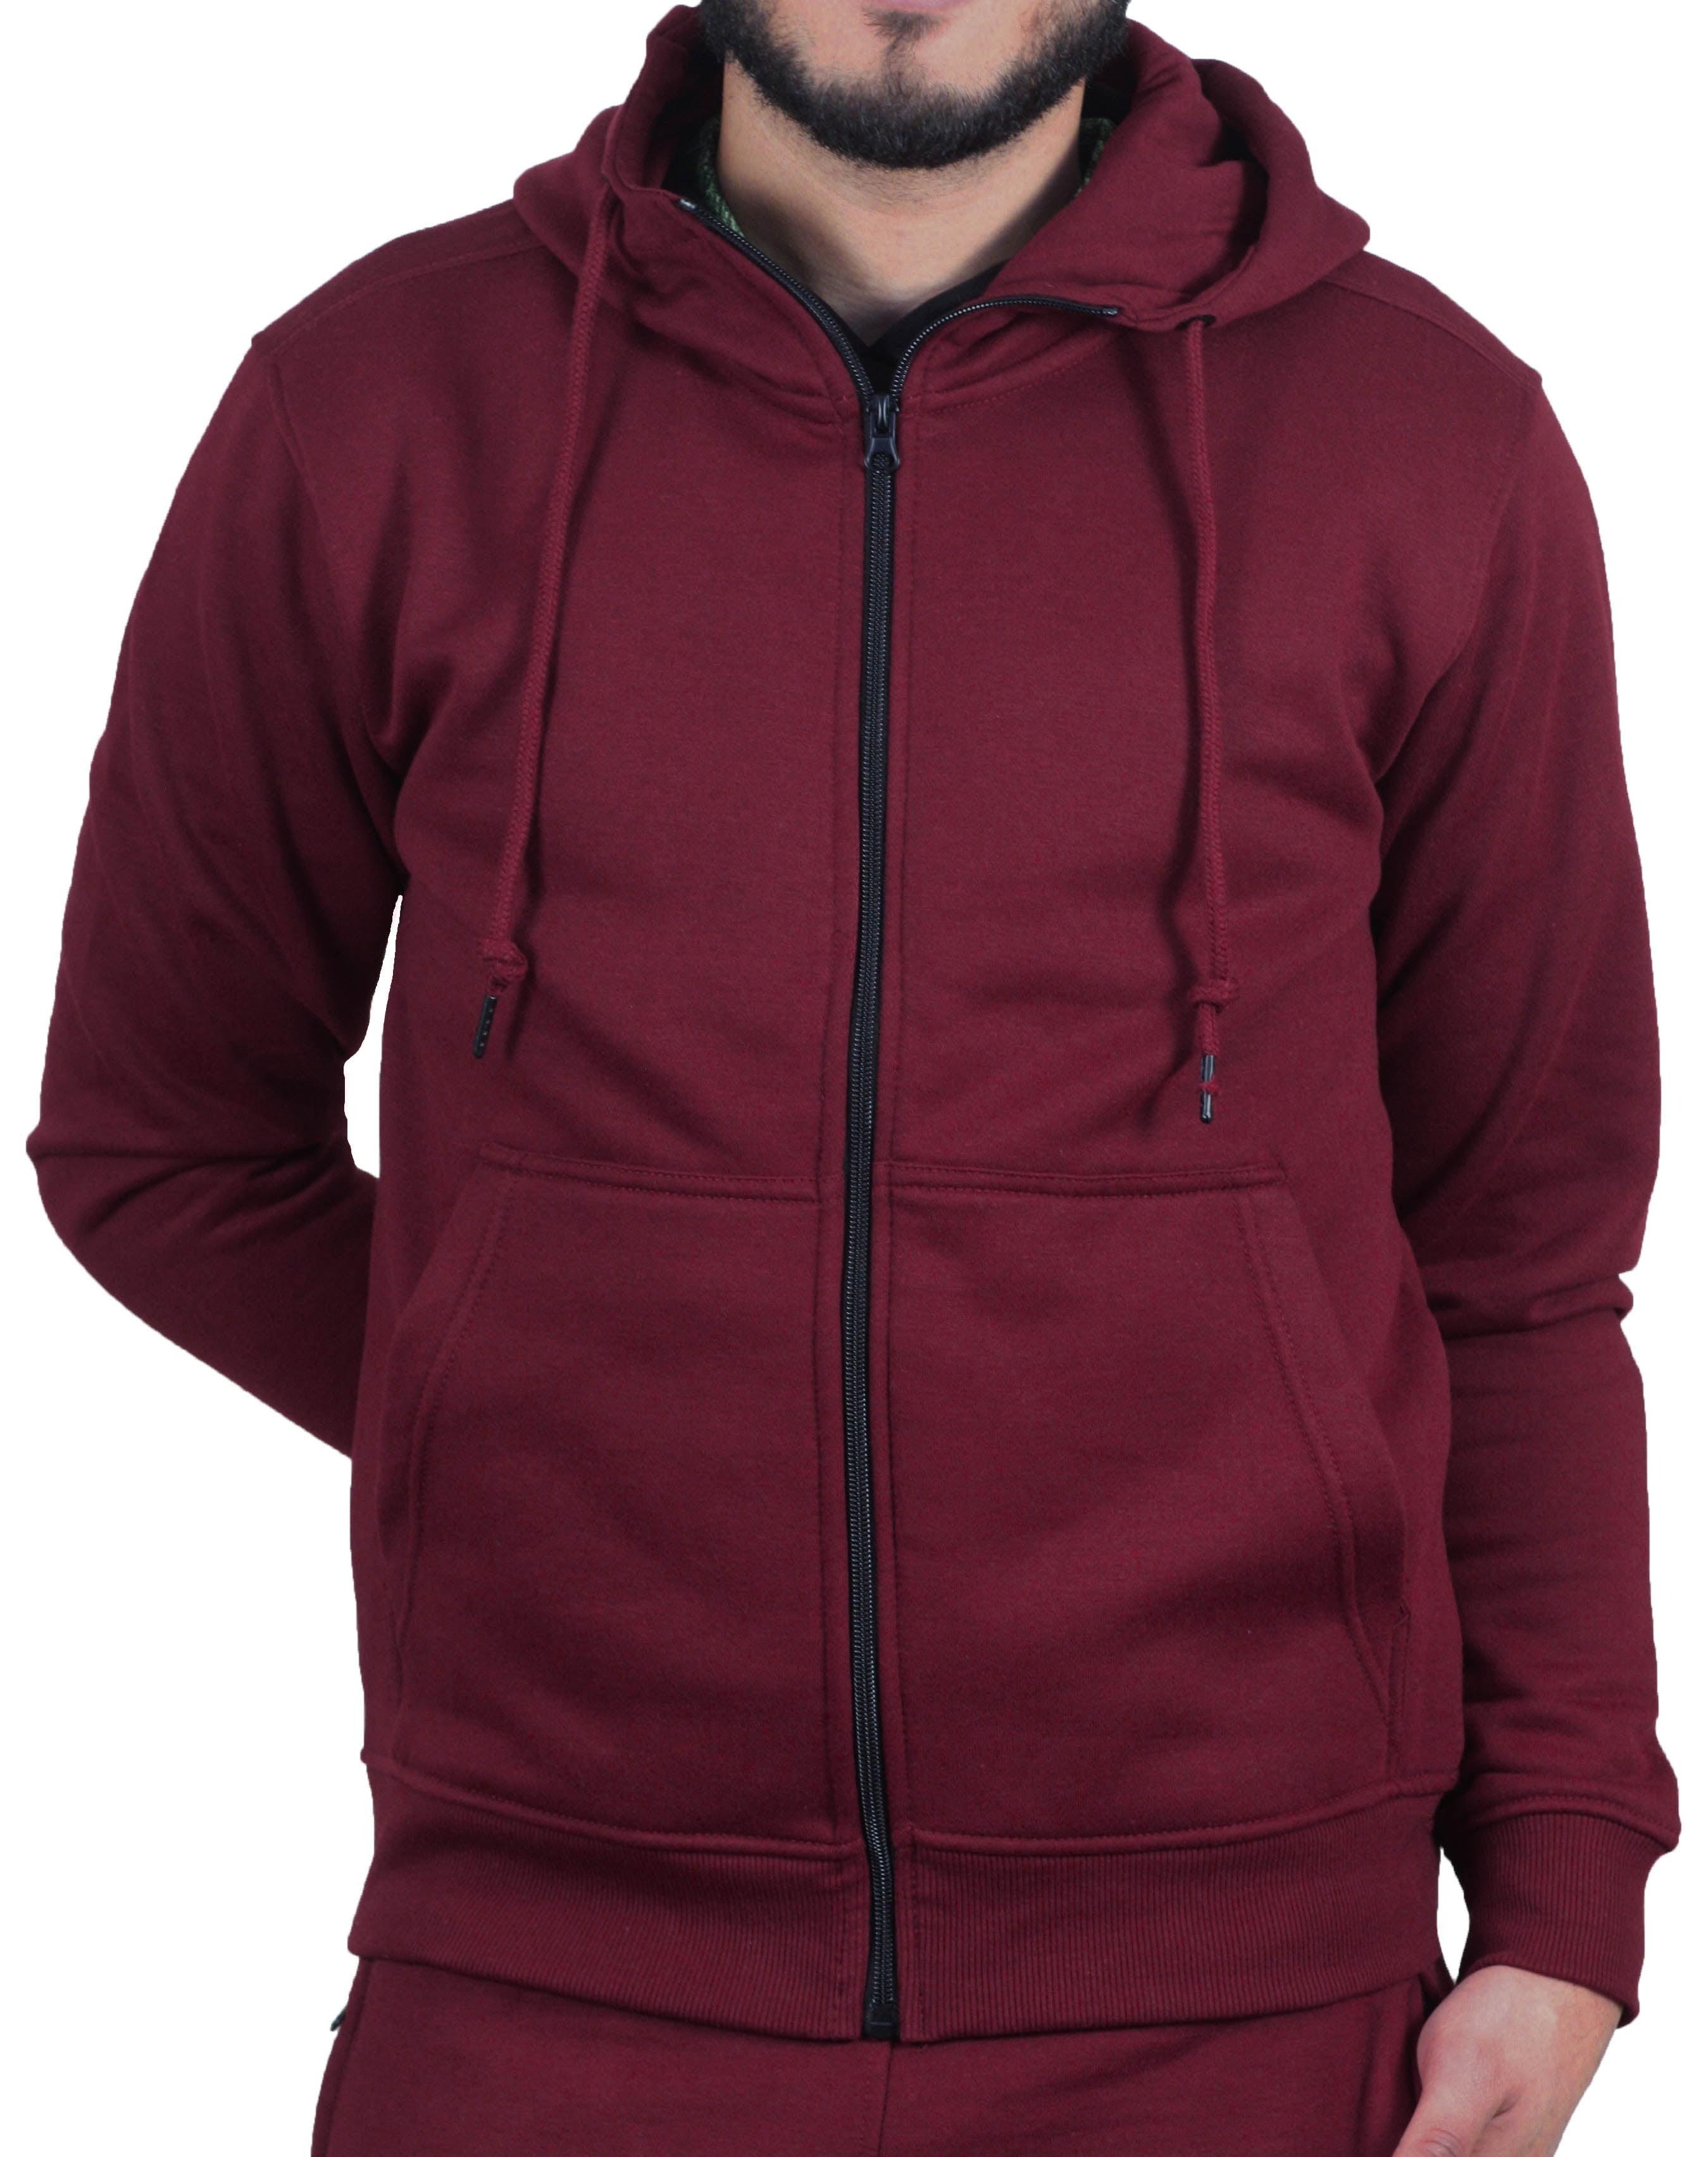 5920c512 Jordan Craig Solid Full-Zip Fleece Hoodie - Walmart.com